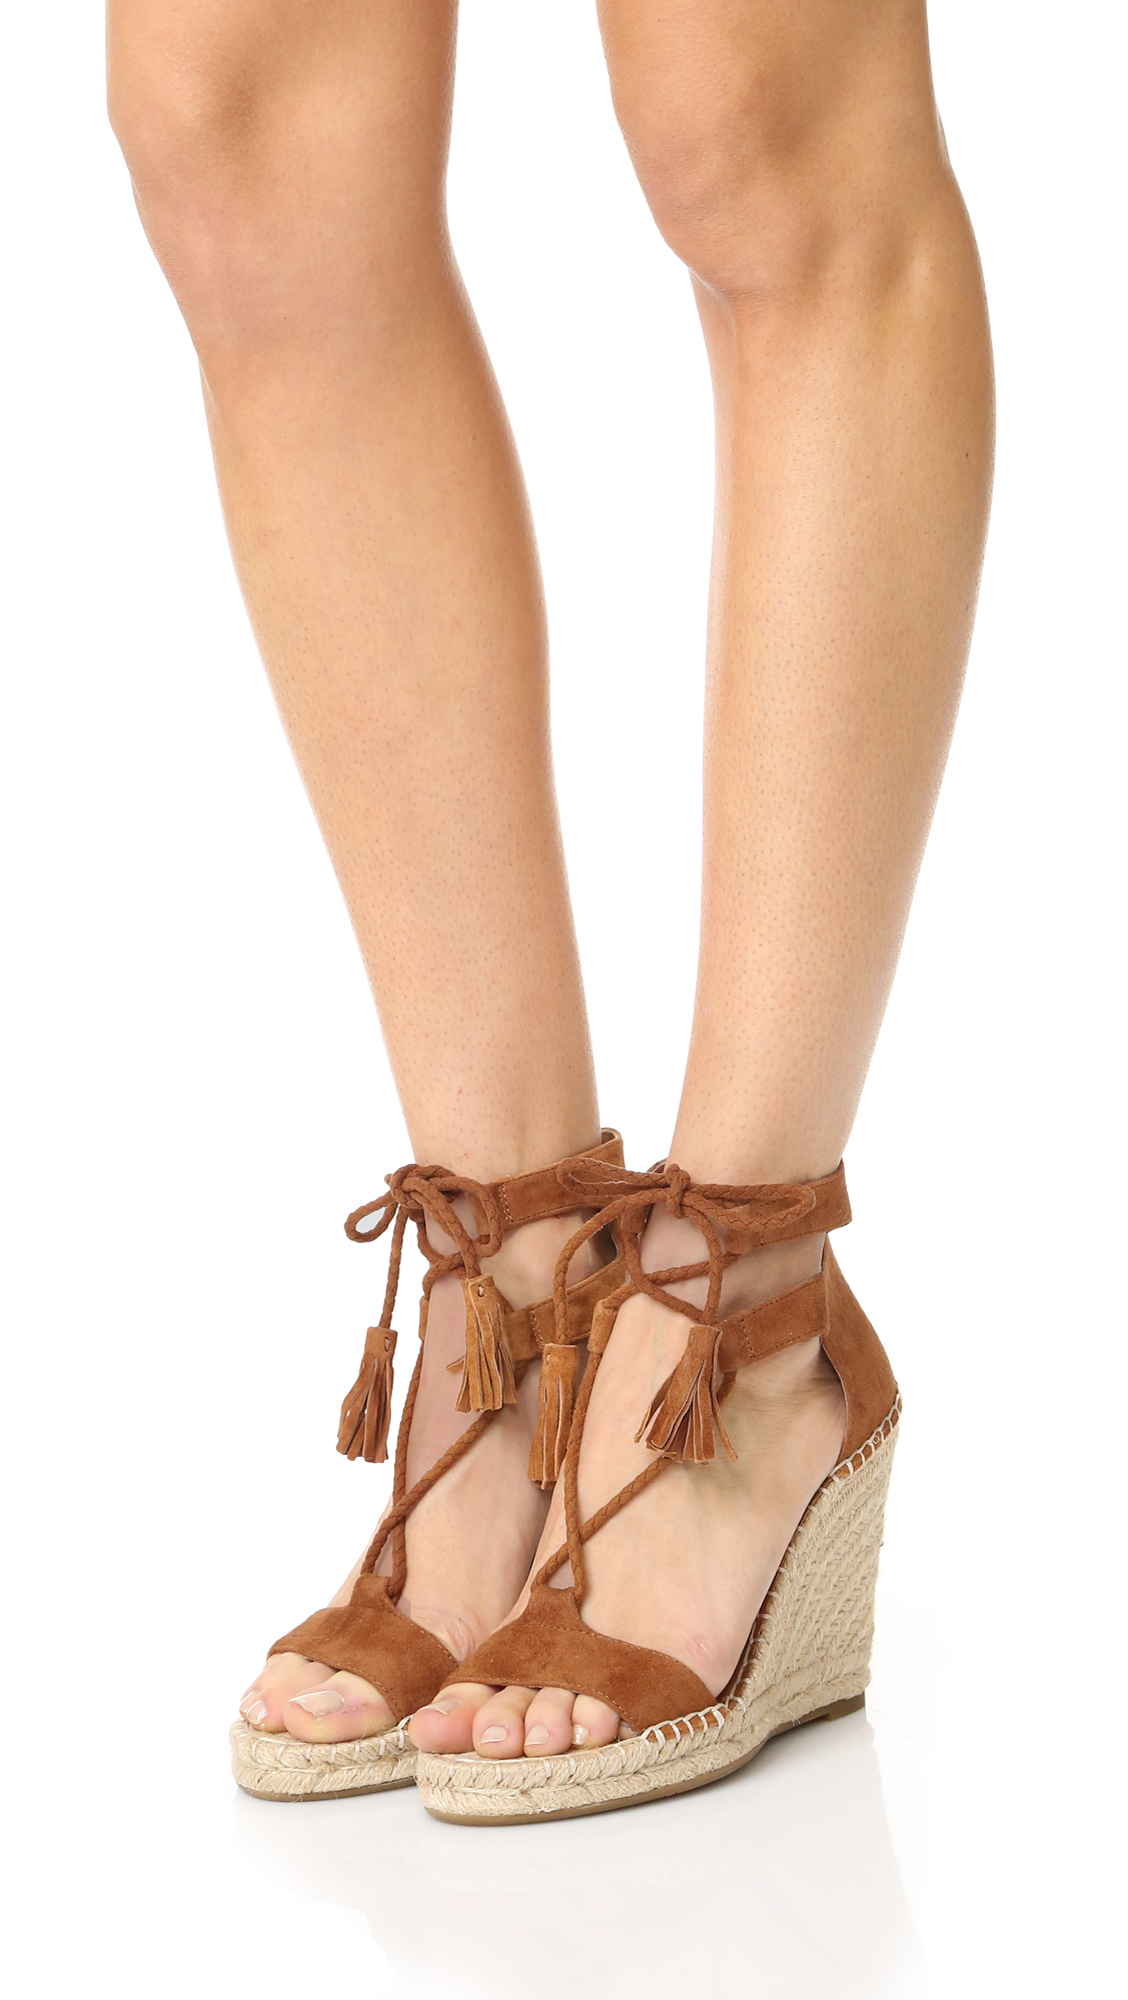 0dd0c45f749 Joie Delilah Lace Up Sandals